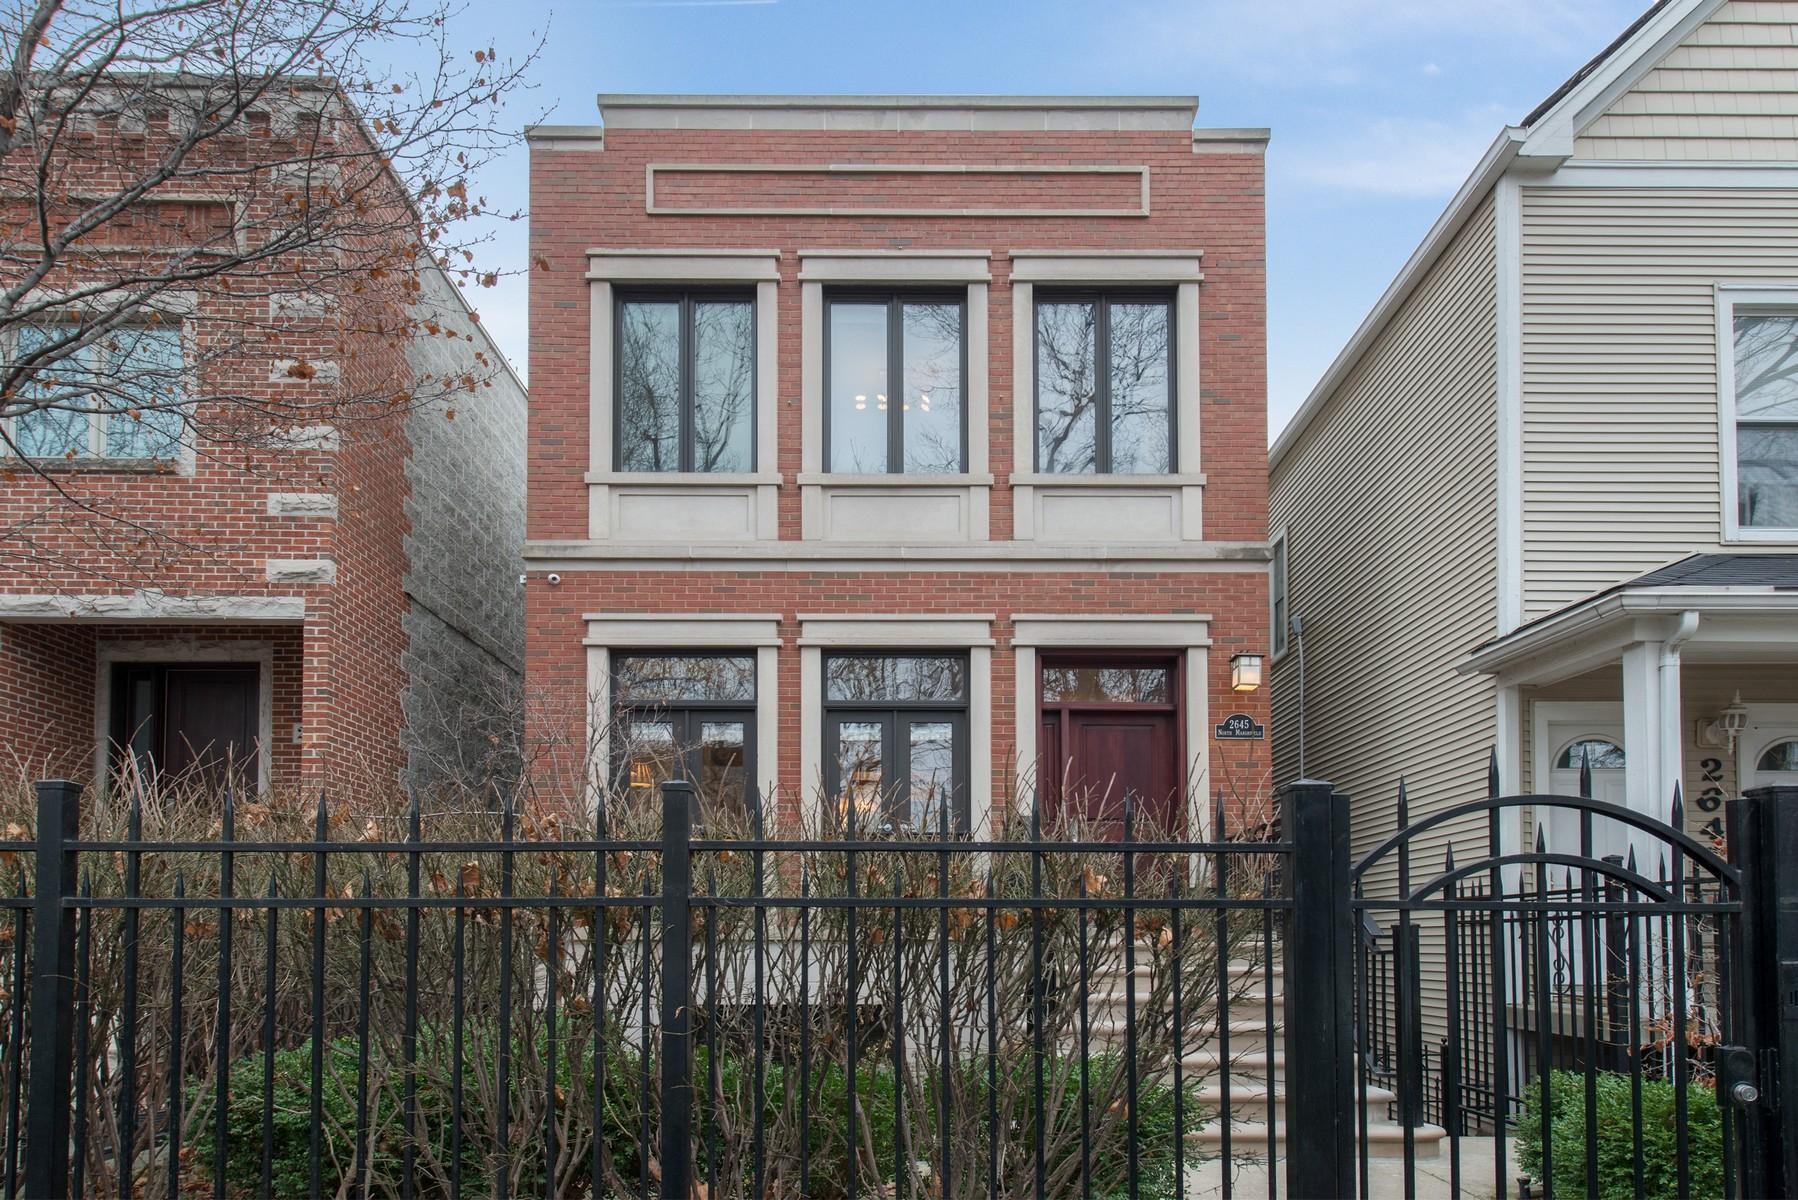 Maison unifamiliale pour l Vente à Elegant Single Family Home in Lincoln Park 2645 N Marshfield Avenue Lincoln Park, Chicago, Illinois, 60614 États-Unis